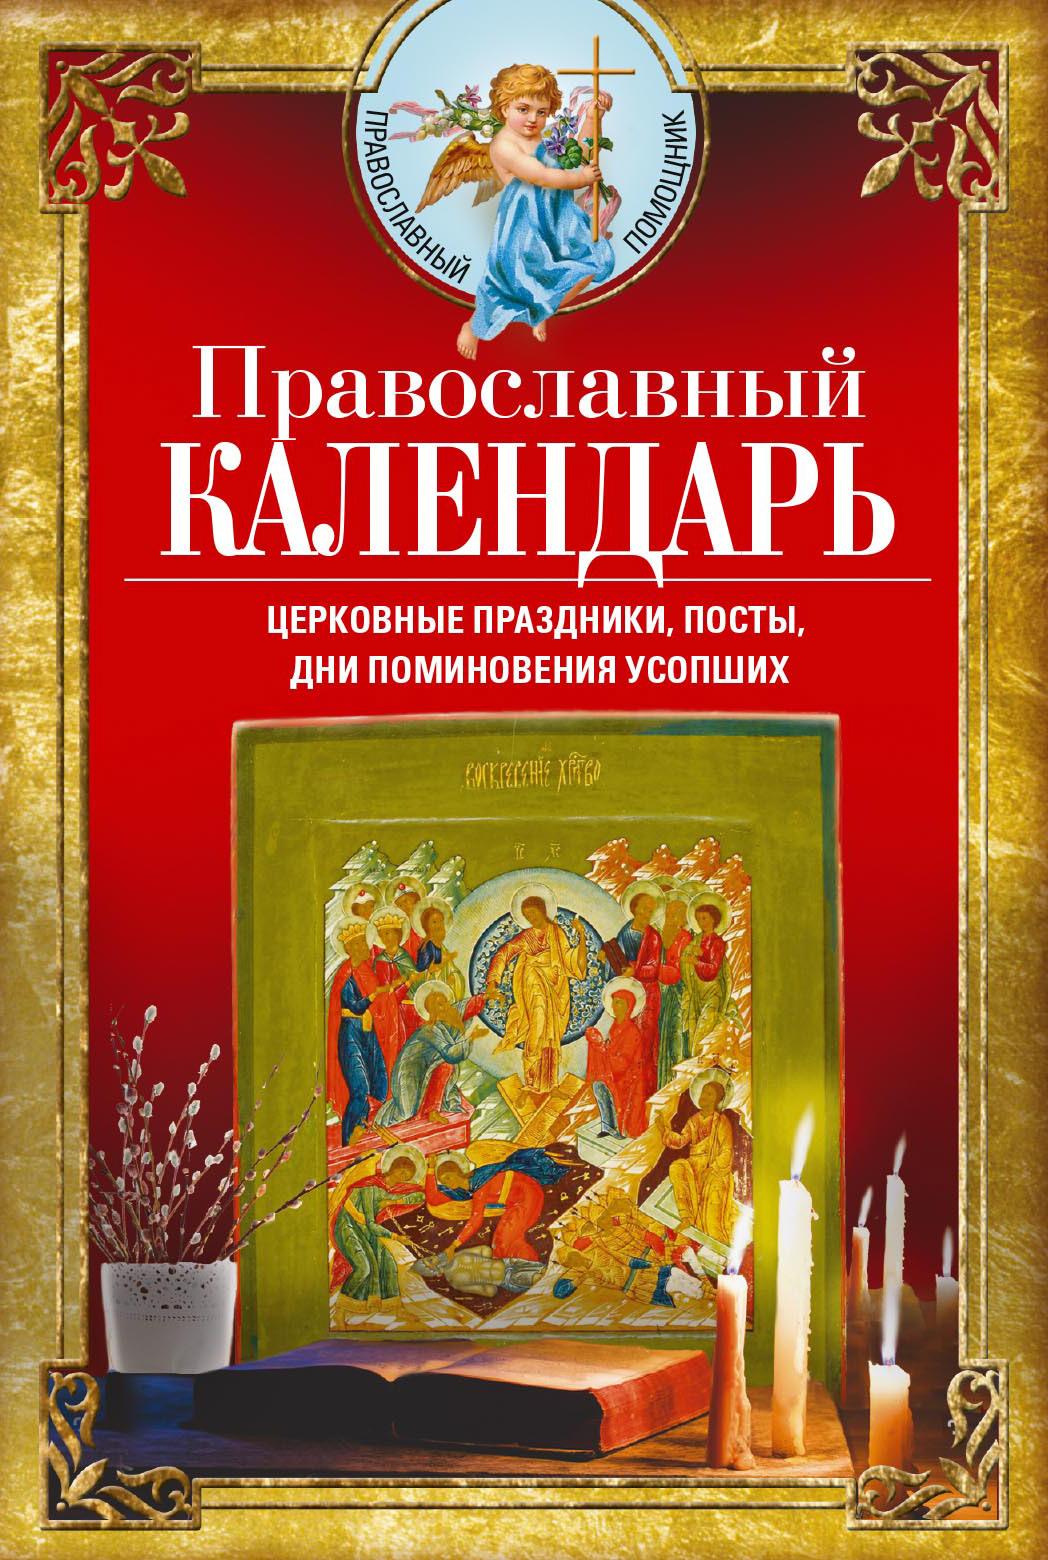 Купить книгу Православный календарь. Церковные праздники, посты, дни поминовения усопших, автора